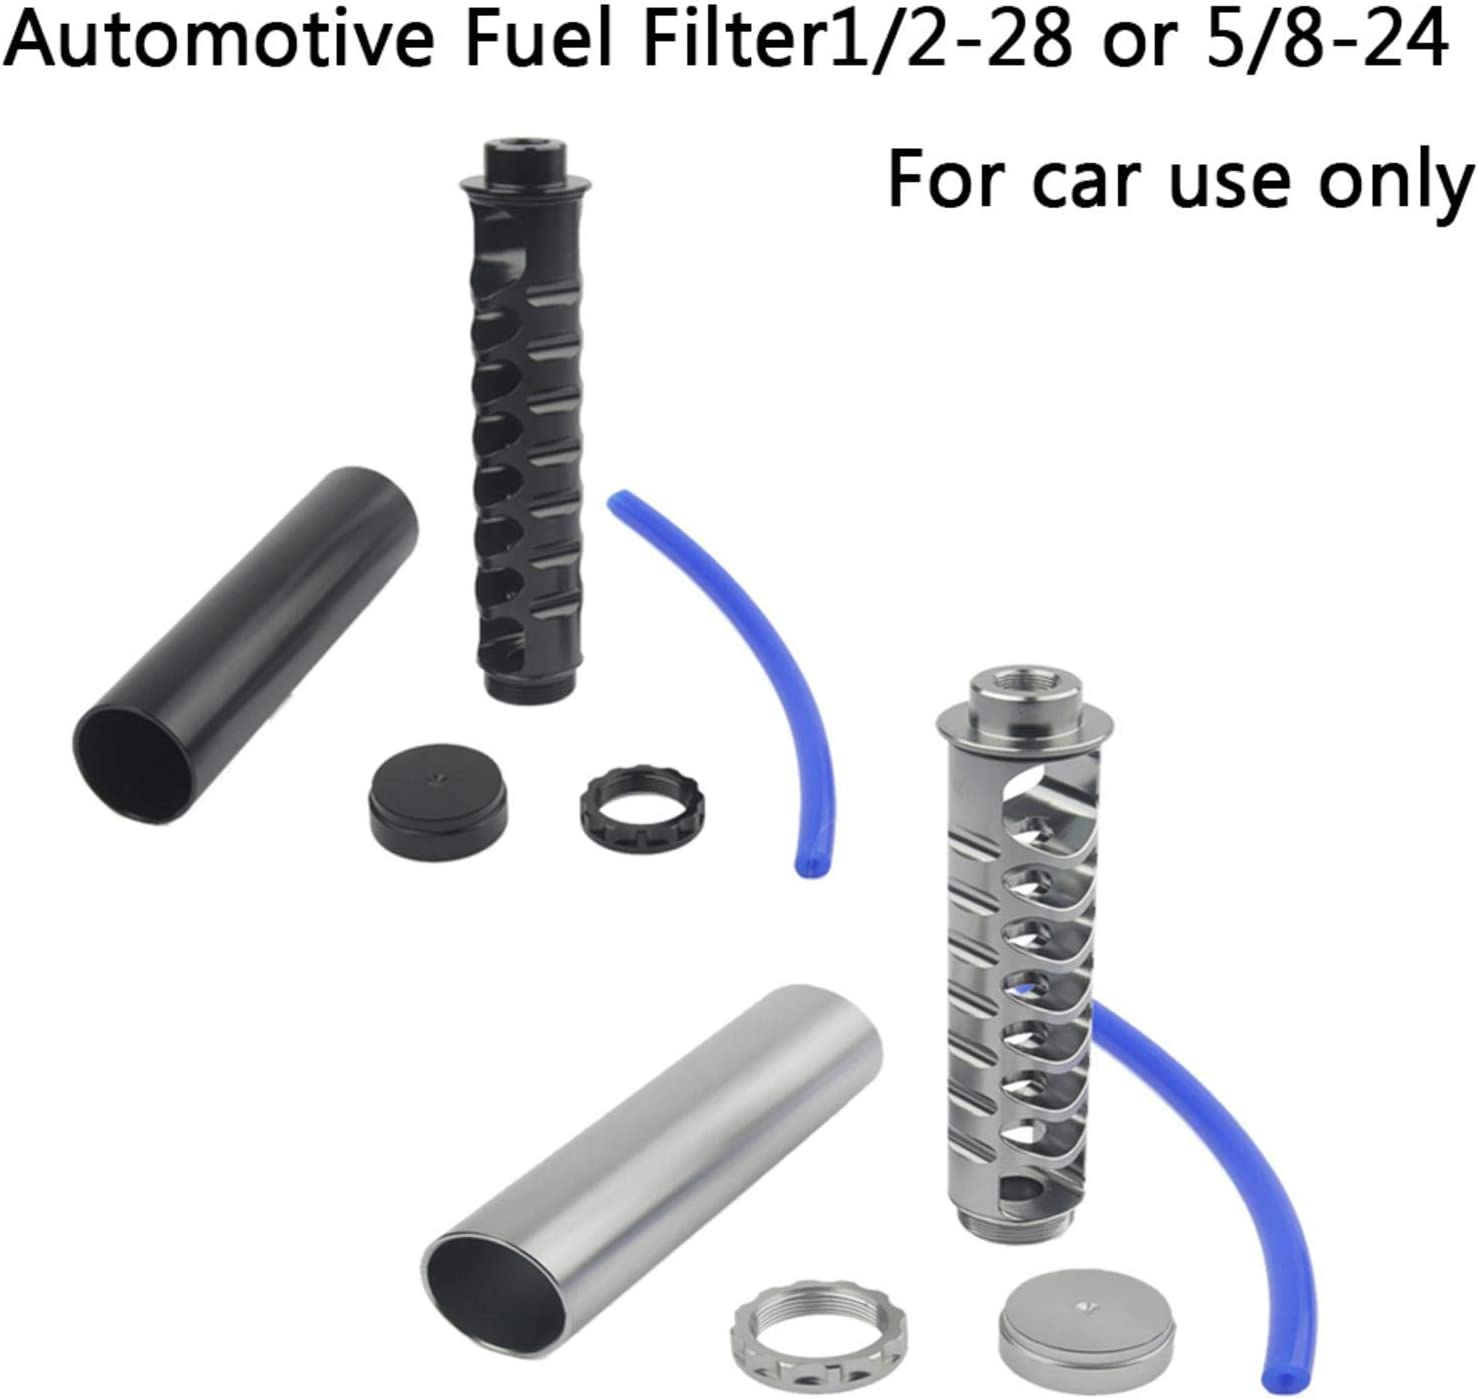 freneci Filtro carburante unipolare universale 10  spinato 1//2-28 per 4003 nero